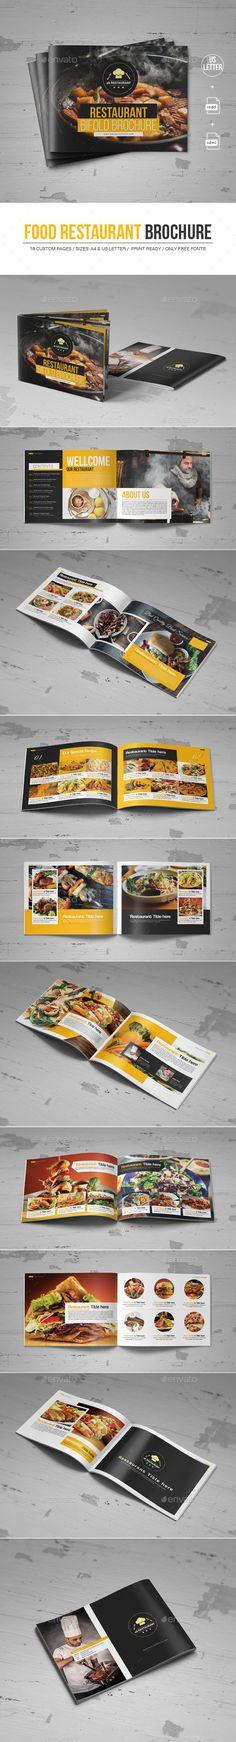 #Food #Restaurant Brochure - Corporate #Brochures Download here: https://graphicriver.net/item/food-restaurant-brochure/19732359?ref=alena994